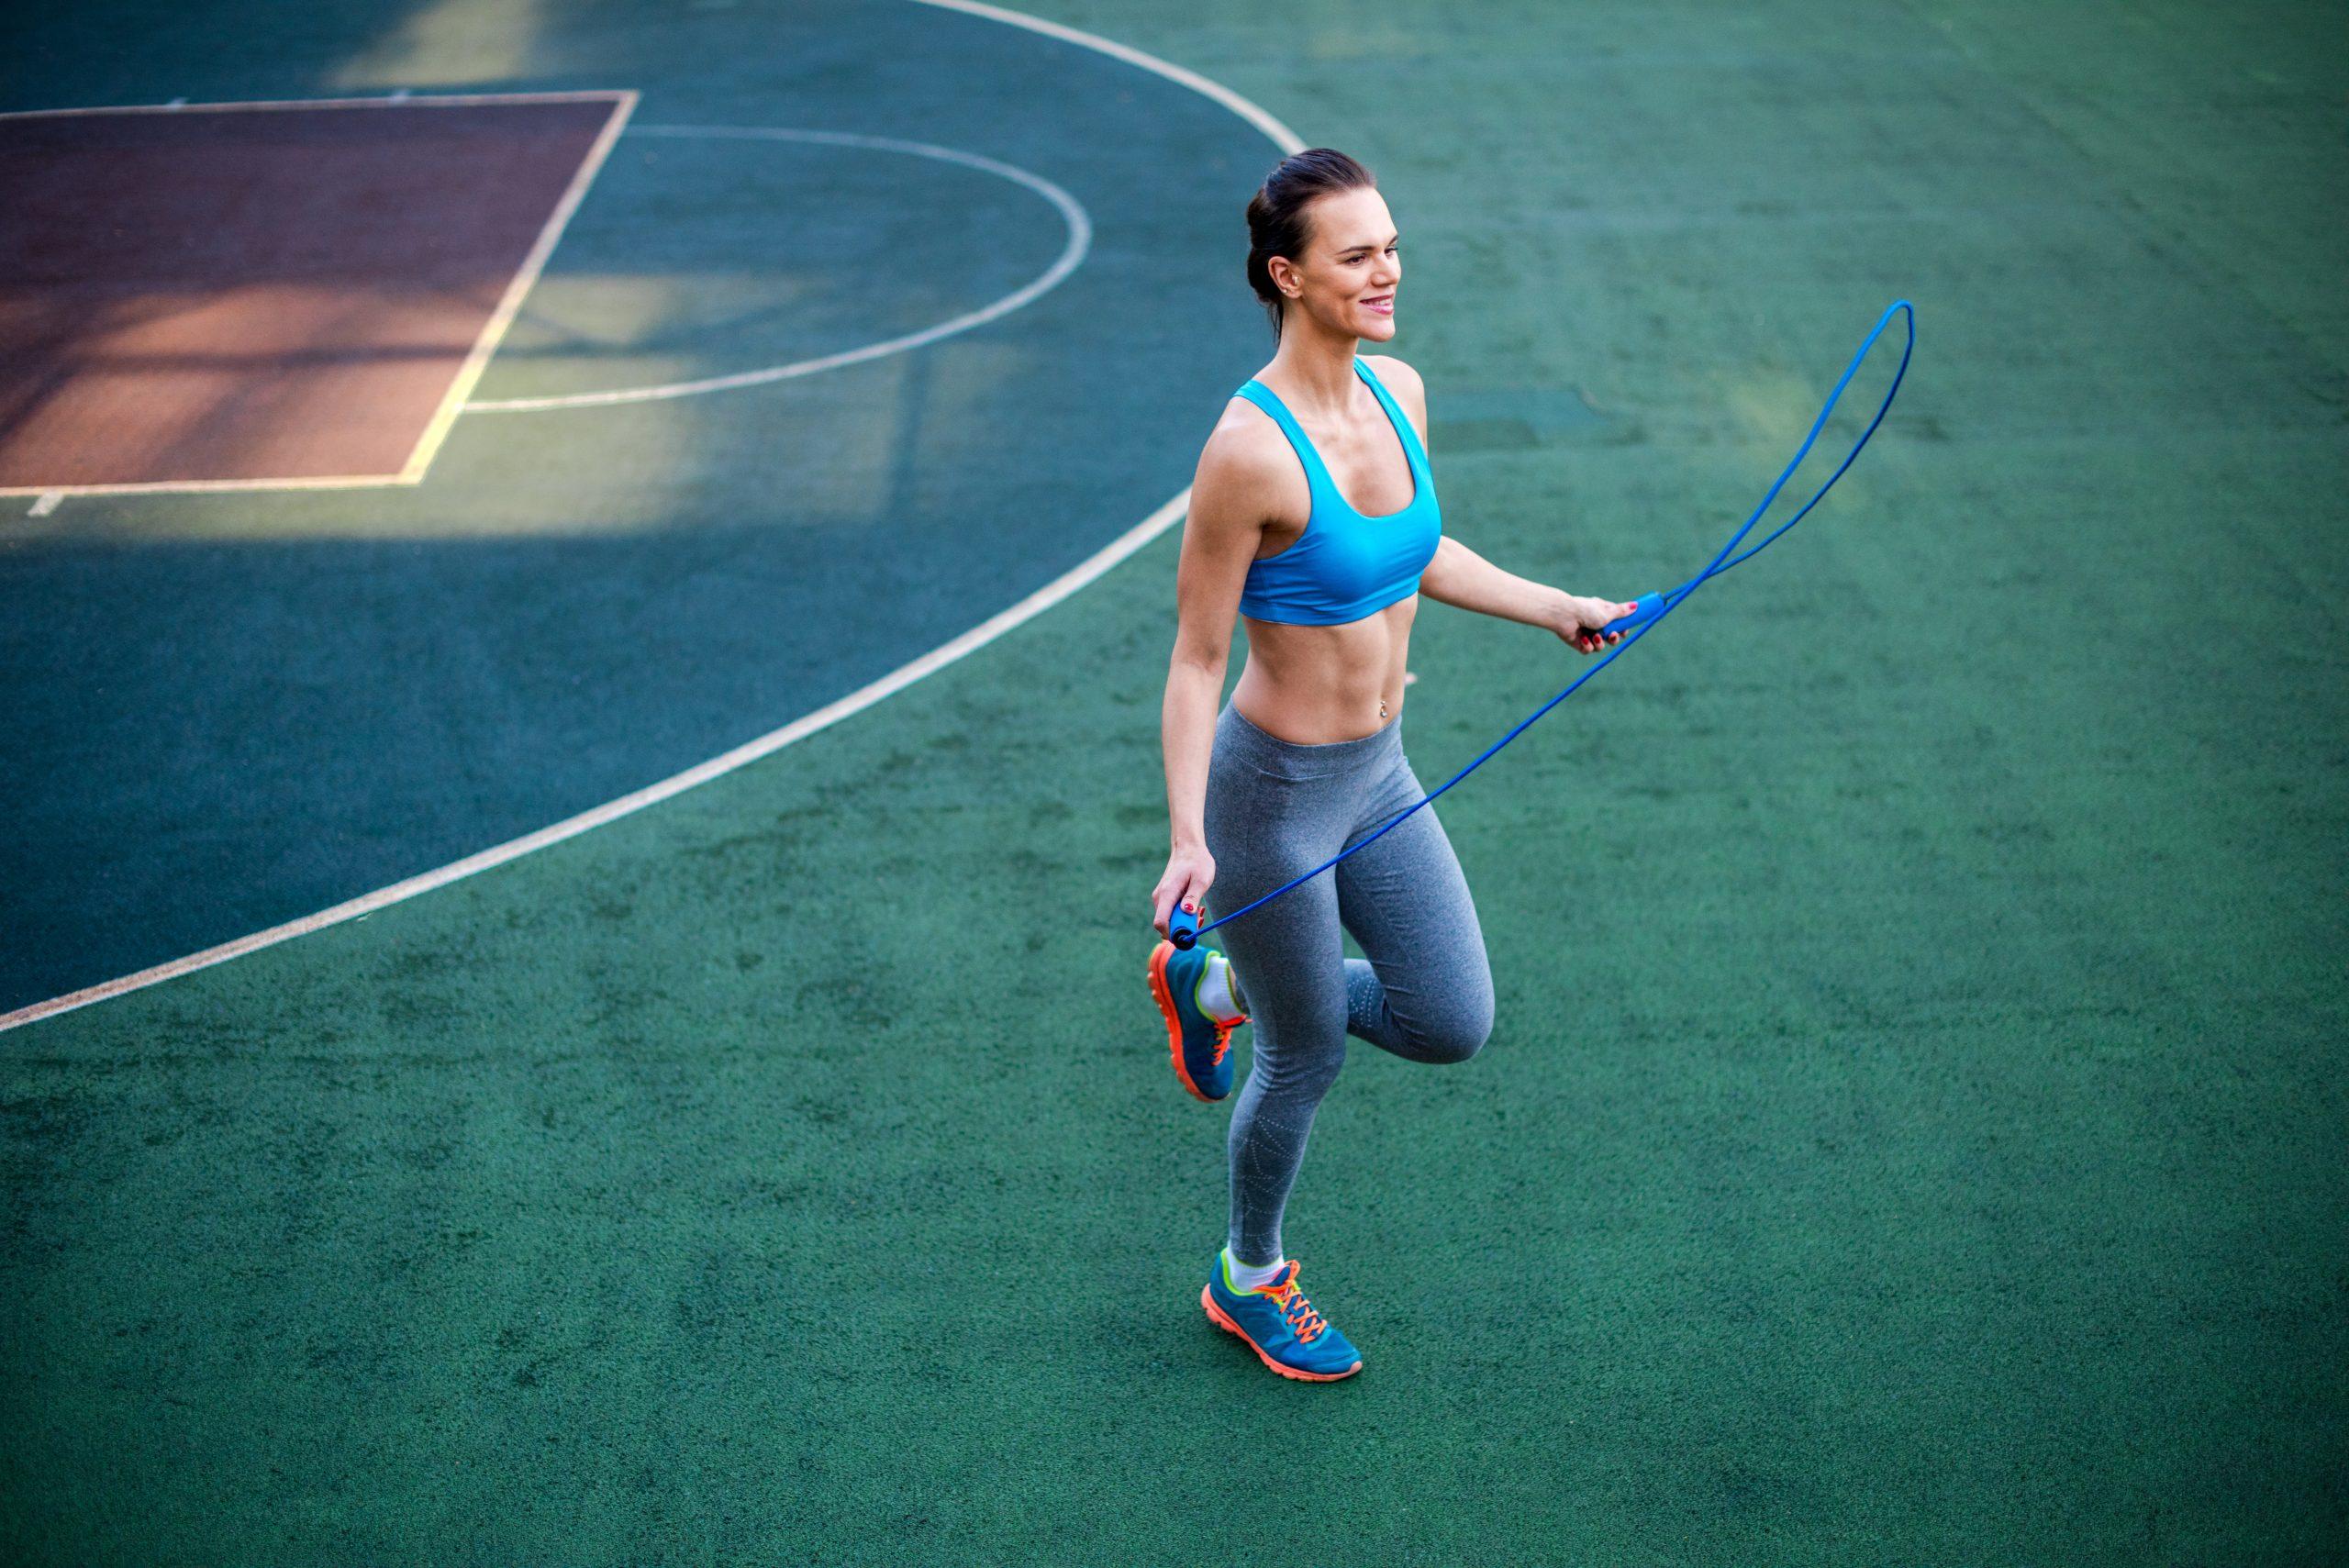 Treino em casa: pular corda emagrece, fortalece o corpo e melhora o condicionamento